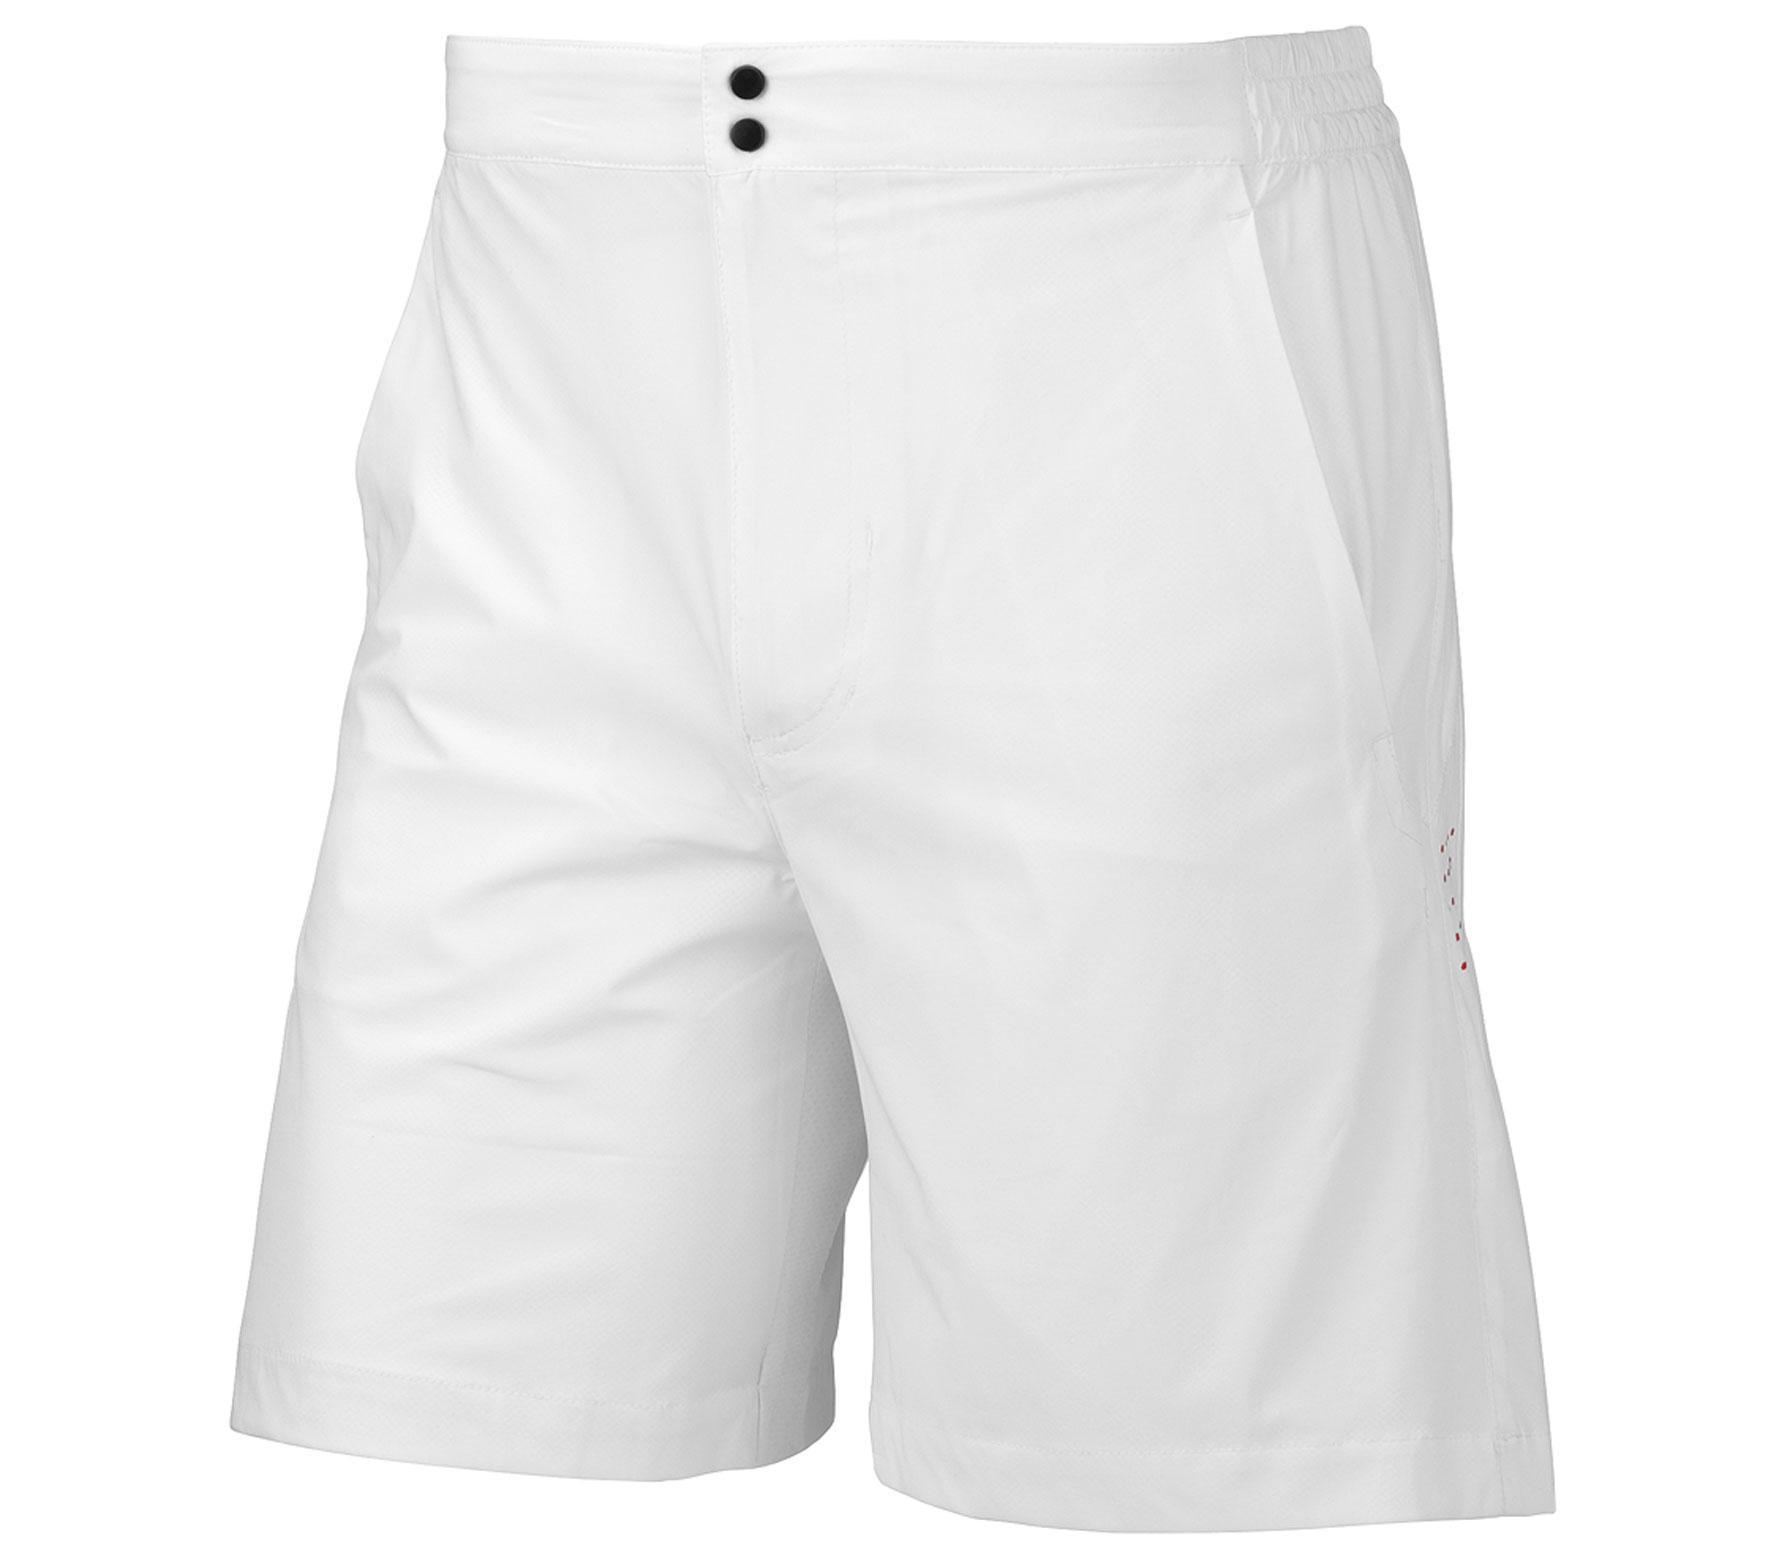 Foto Head - Miami pantalón corto blanco - L